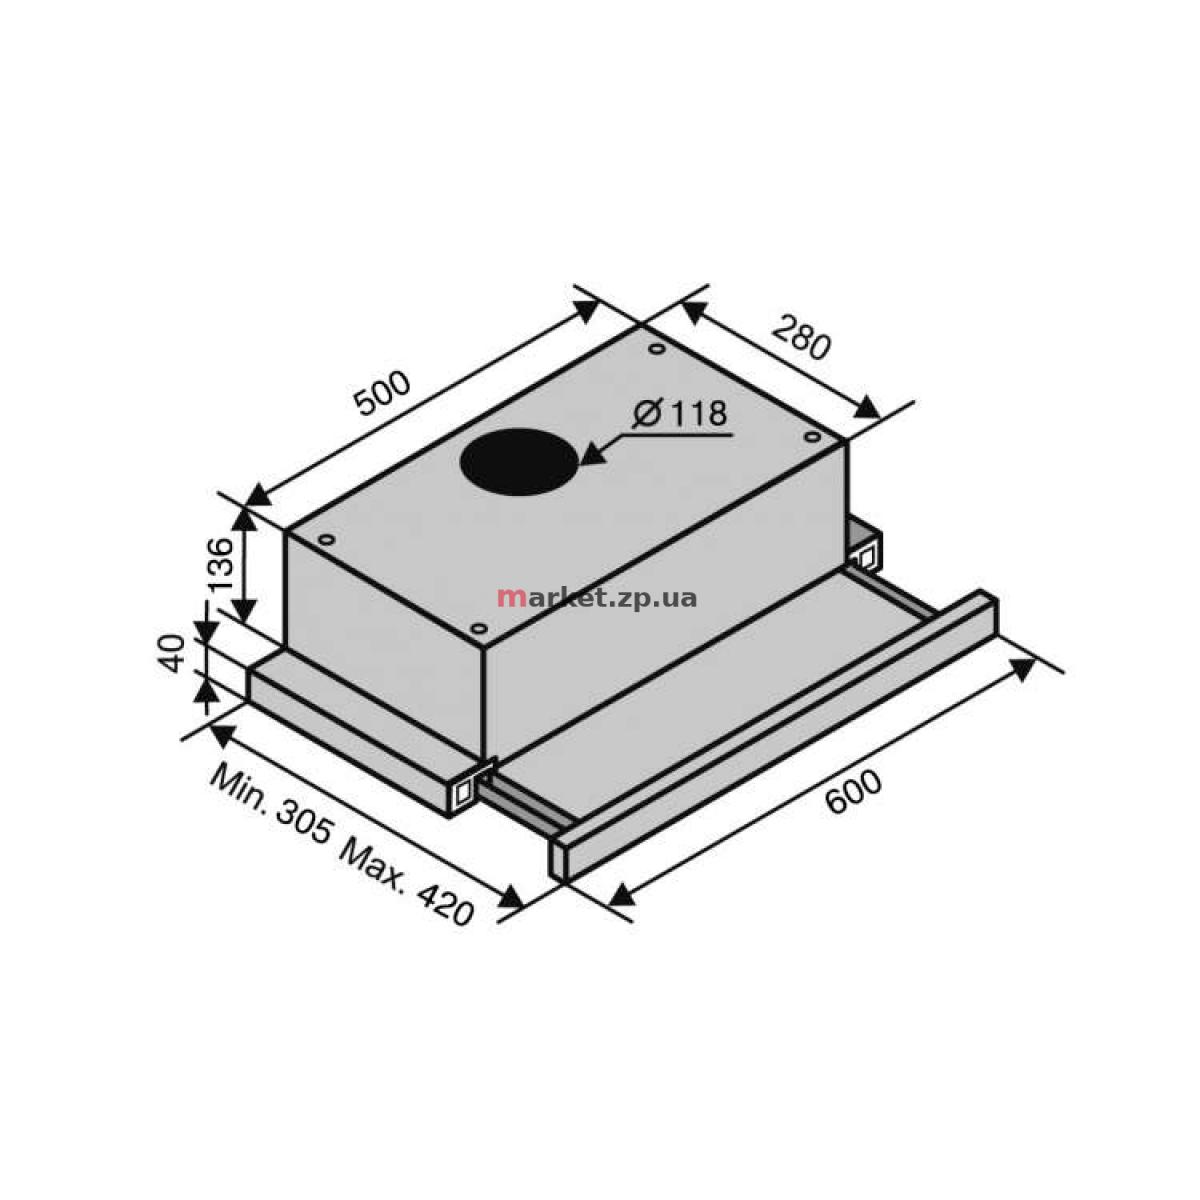 Вытяжка VENTOLUX GARDA 60 XBG (700) SLIM